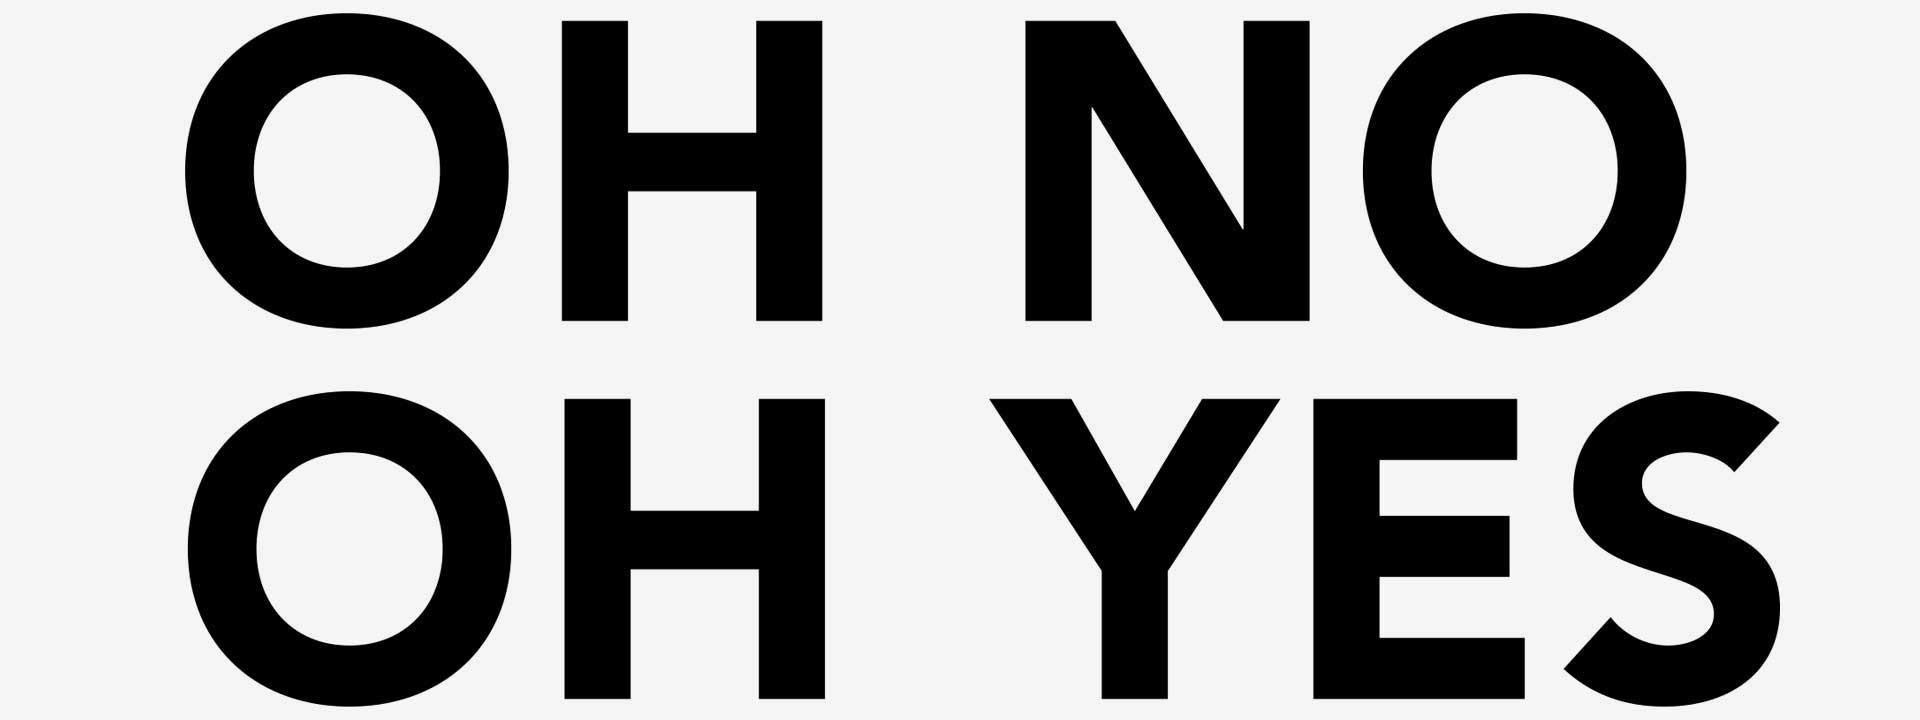 Ohno Ohno aha-projects-webdesign